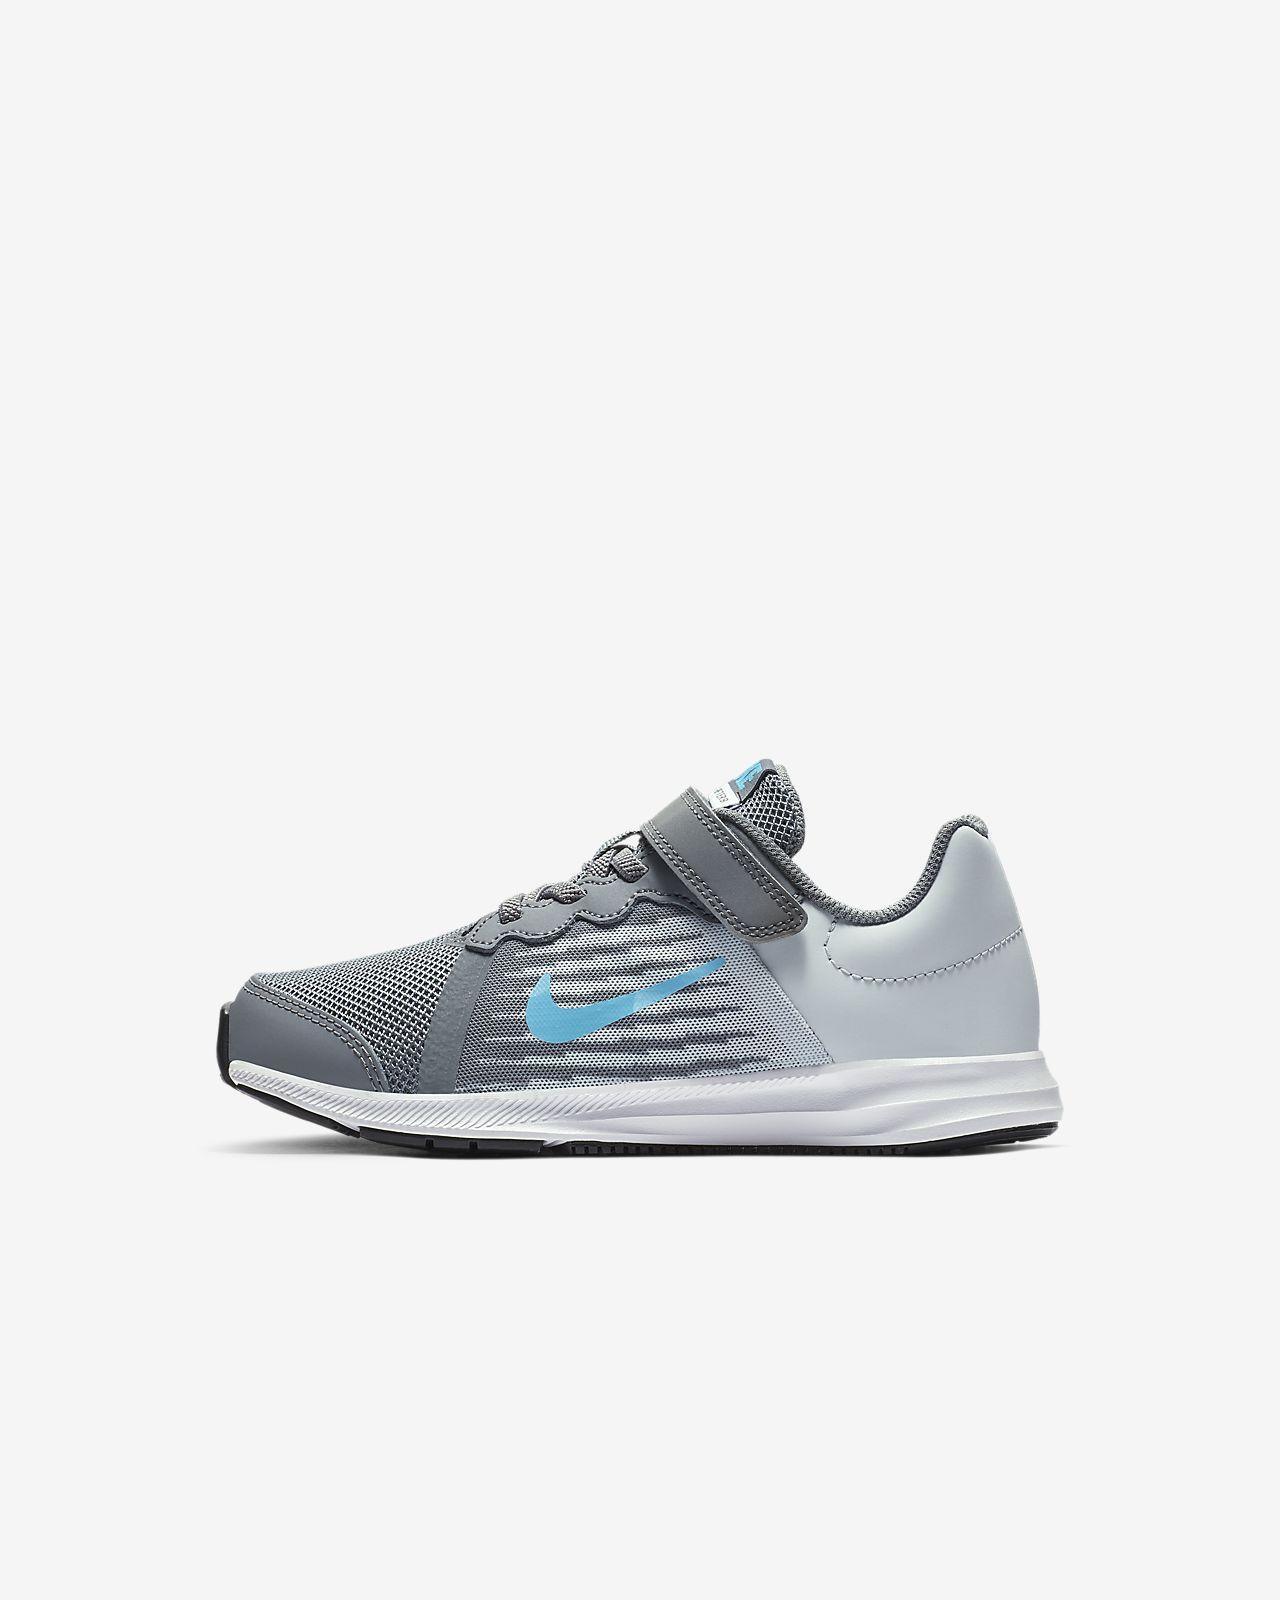 Nike Downshifter 8 Küçük Çocuk Ayakkabısı